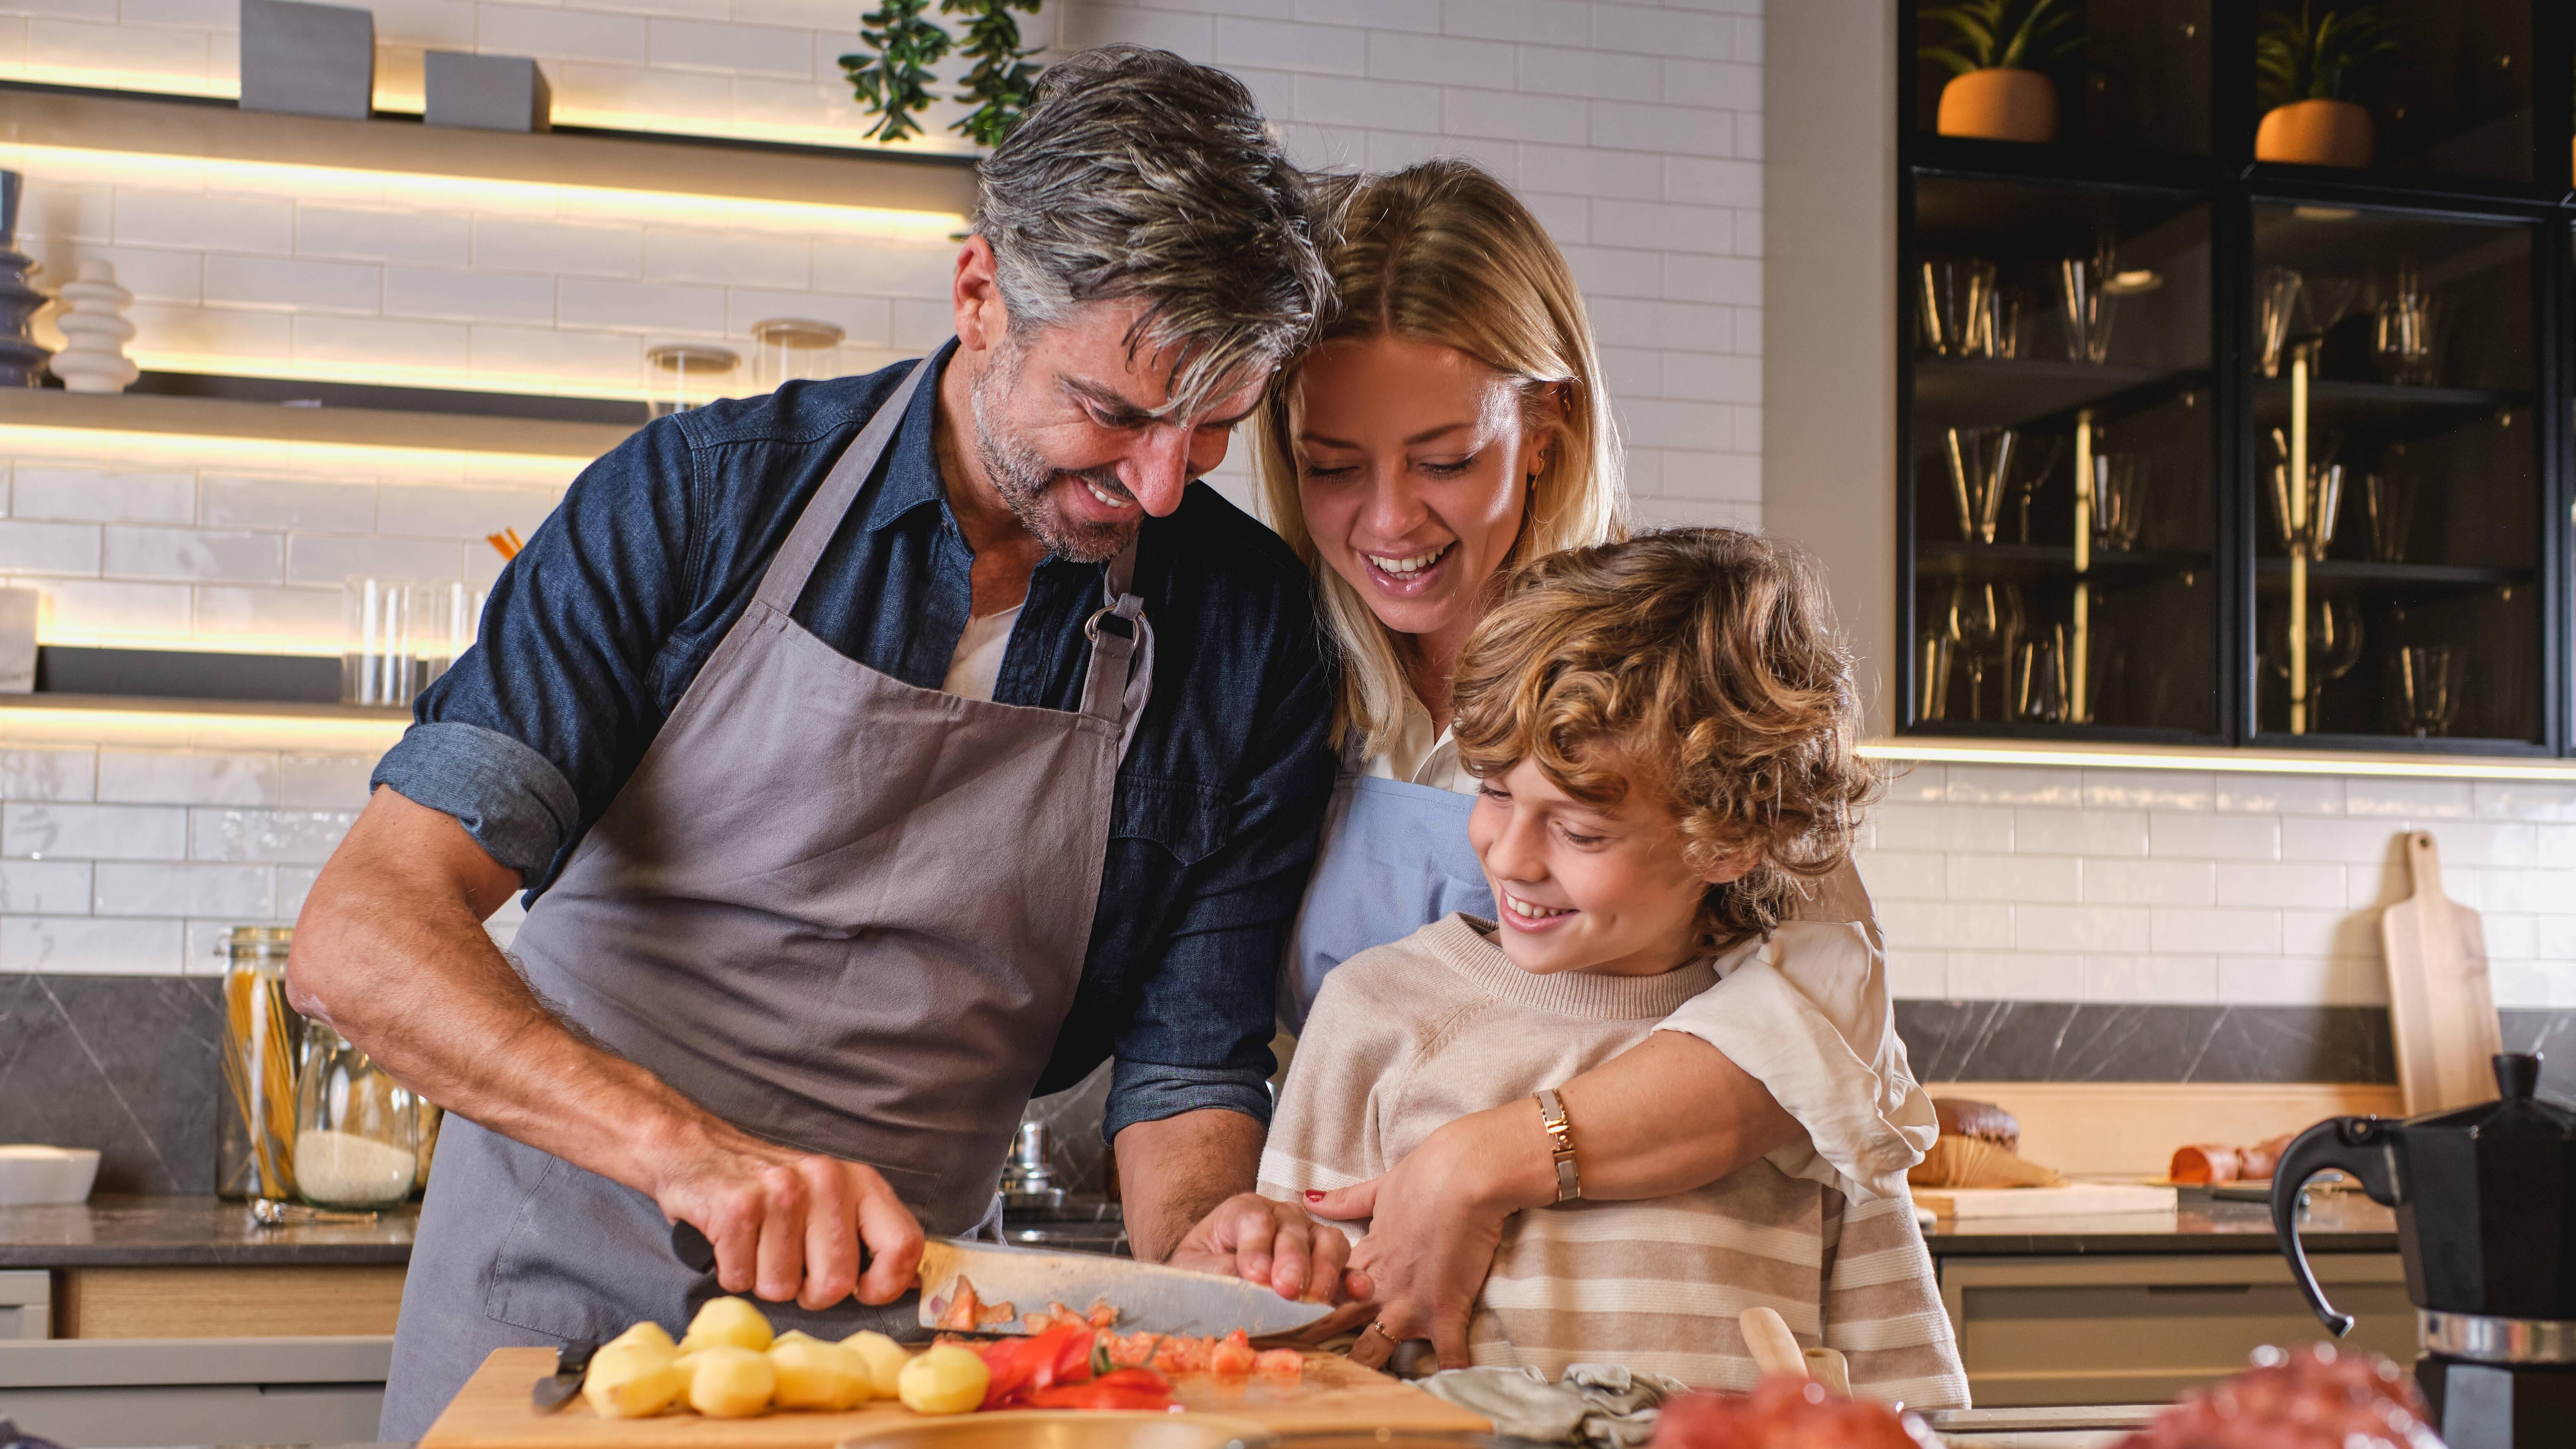 Intuitiv kochen - So lernen Sie, ohne Rezept zu kochen